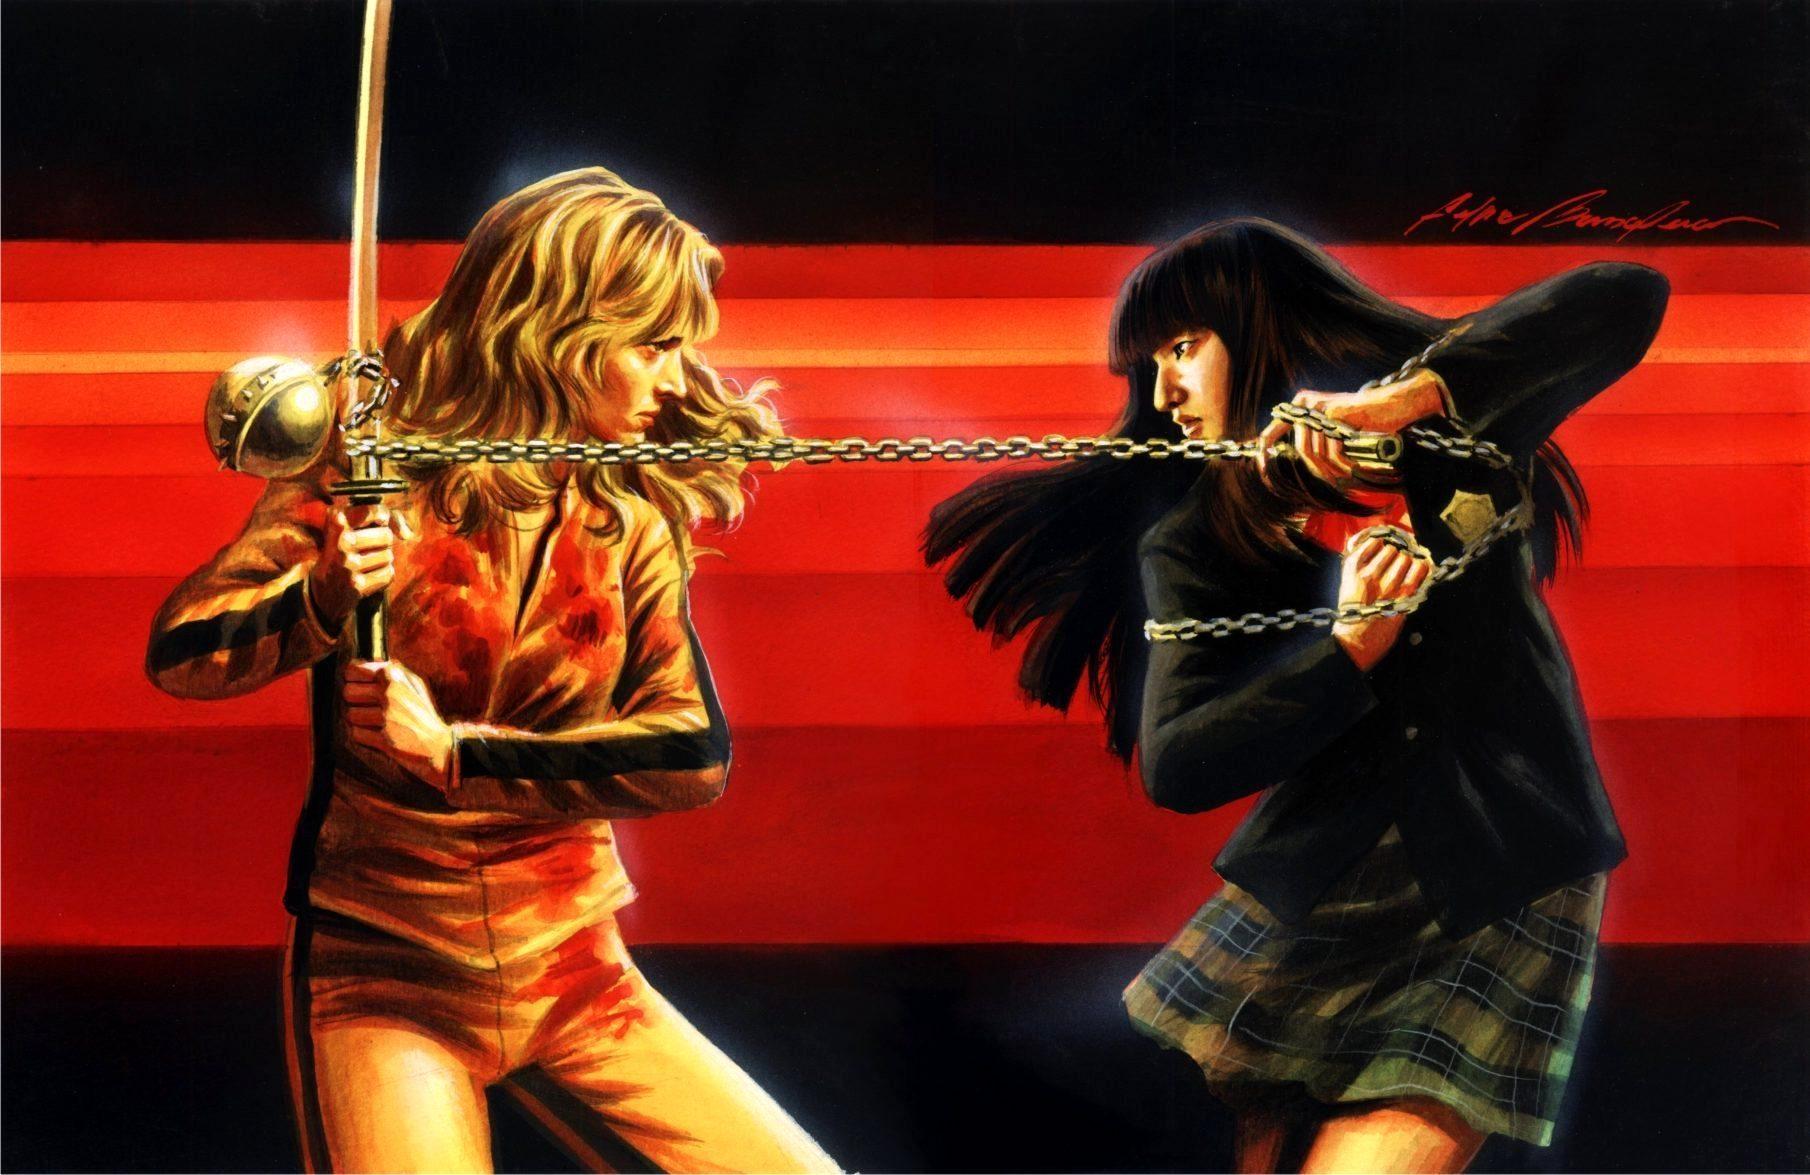 Kill Bill: Vol. 2 Wallpaper and Background | 1810x1175 ...